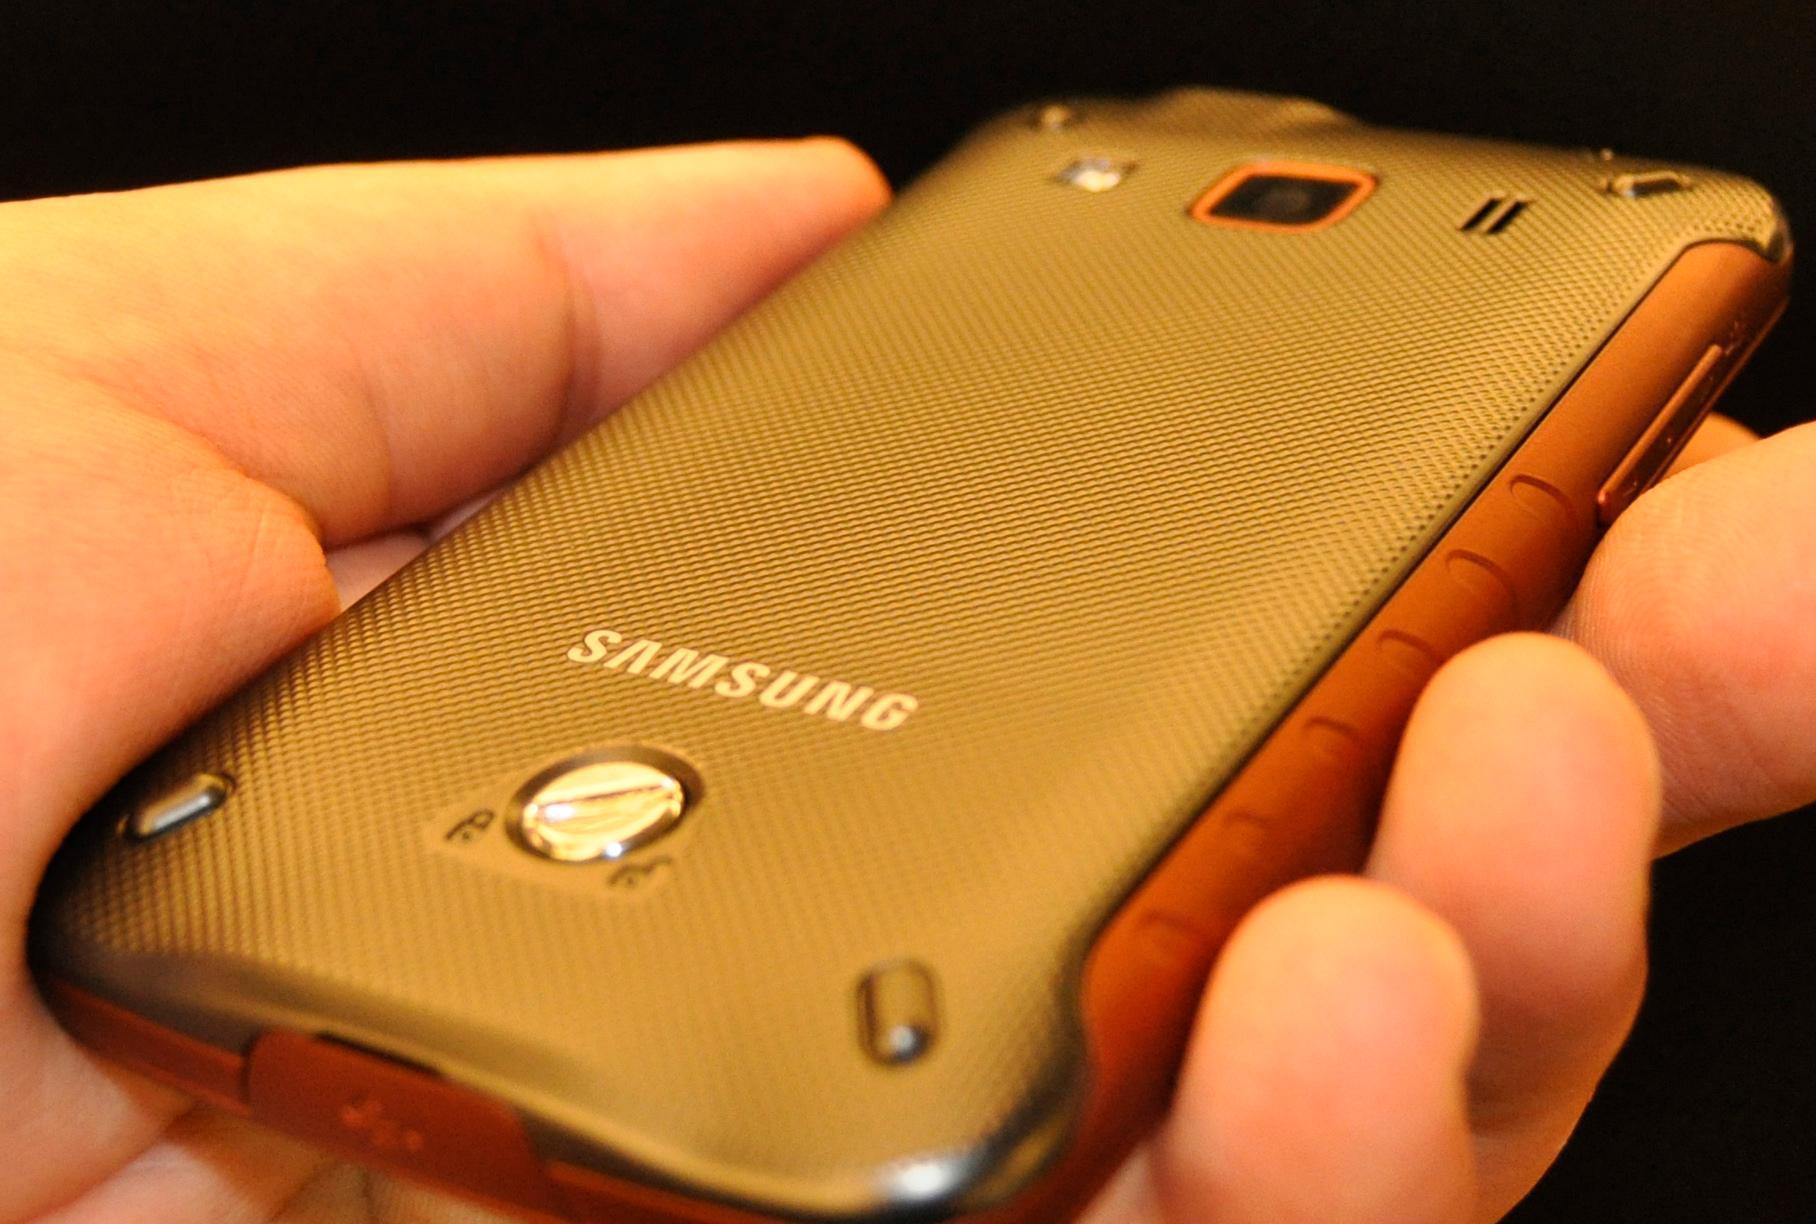 Telefonen har en kraftig plastplate på baksiden. Den er festet med en skrue.